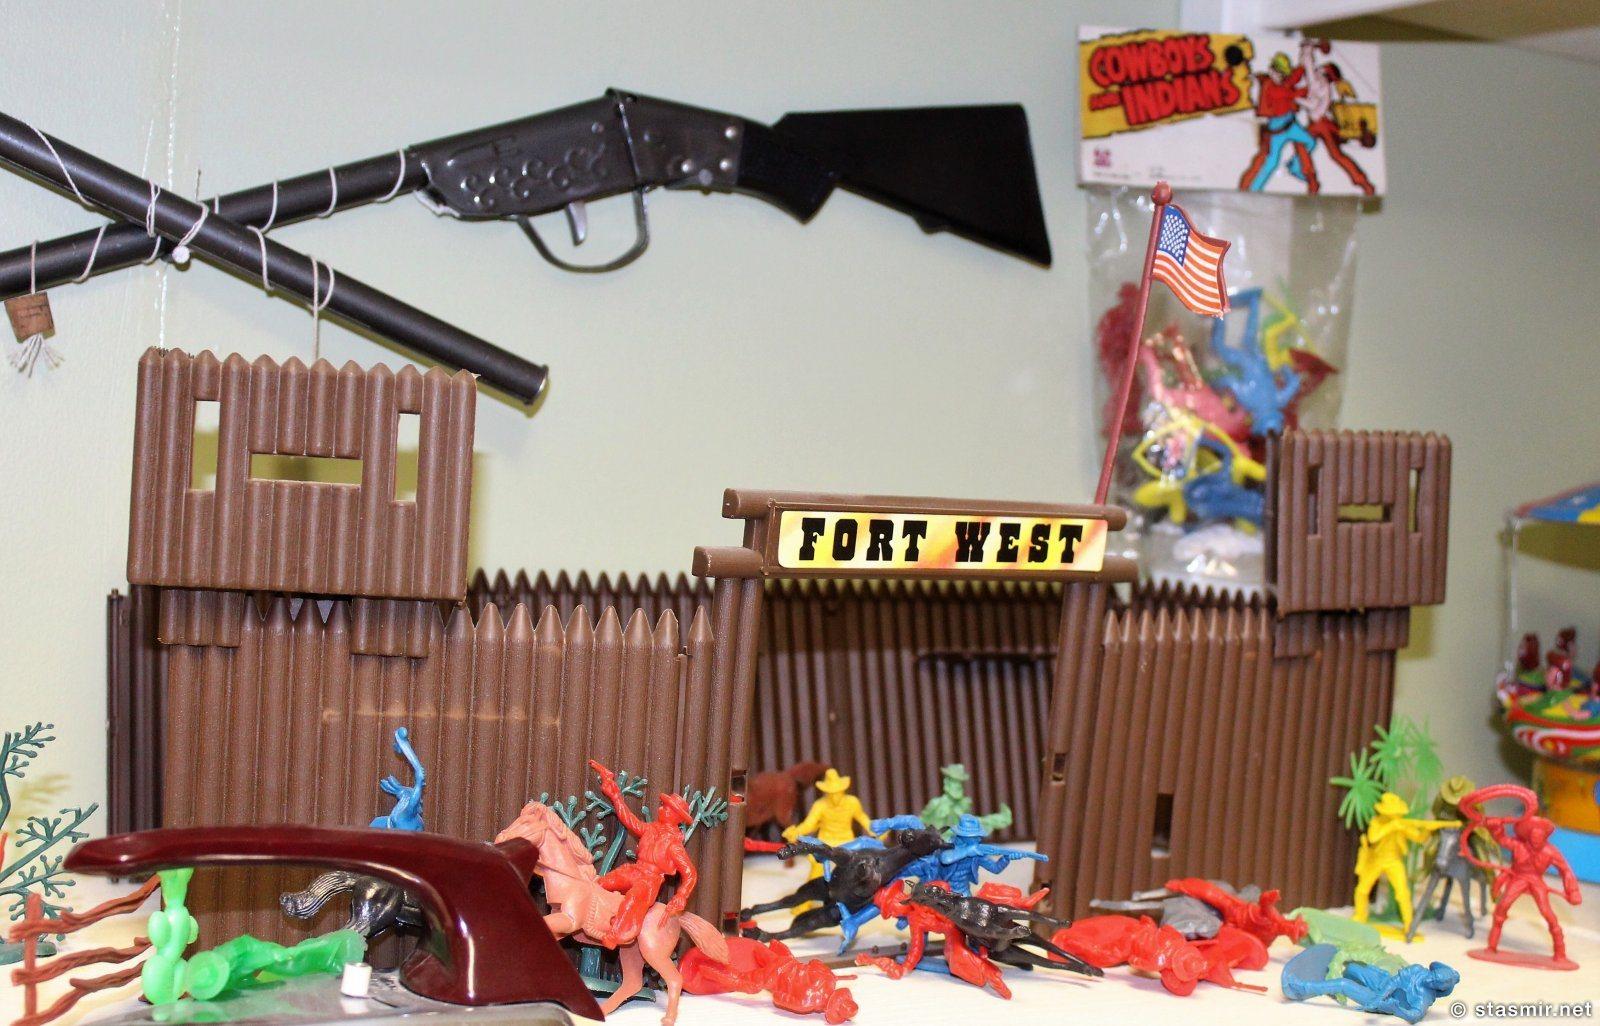 детские игрушки, индейцы и ковбои в Грюндайрфьёрдюре, Западная Исландия, фото Стасмир, photo Stasmir, stasmirner, stasmircom